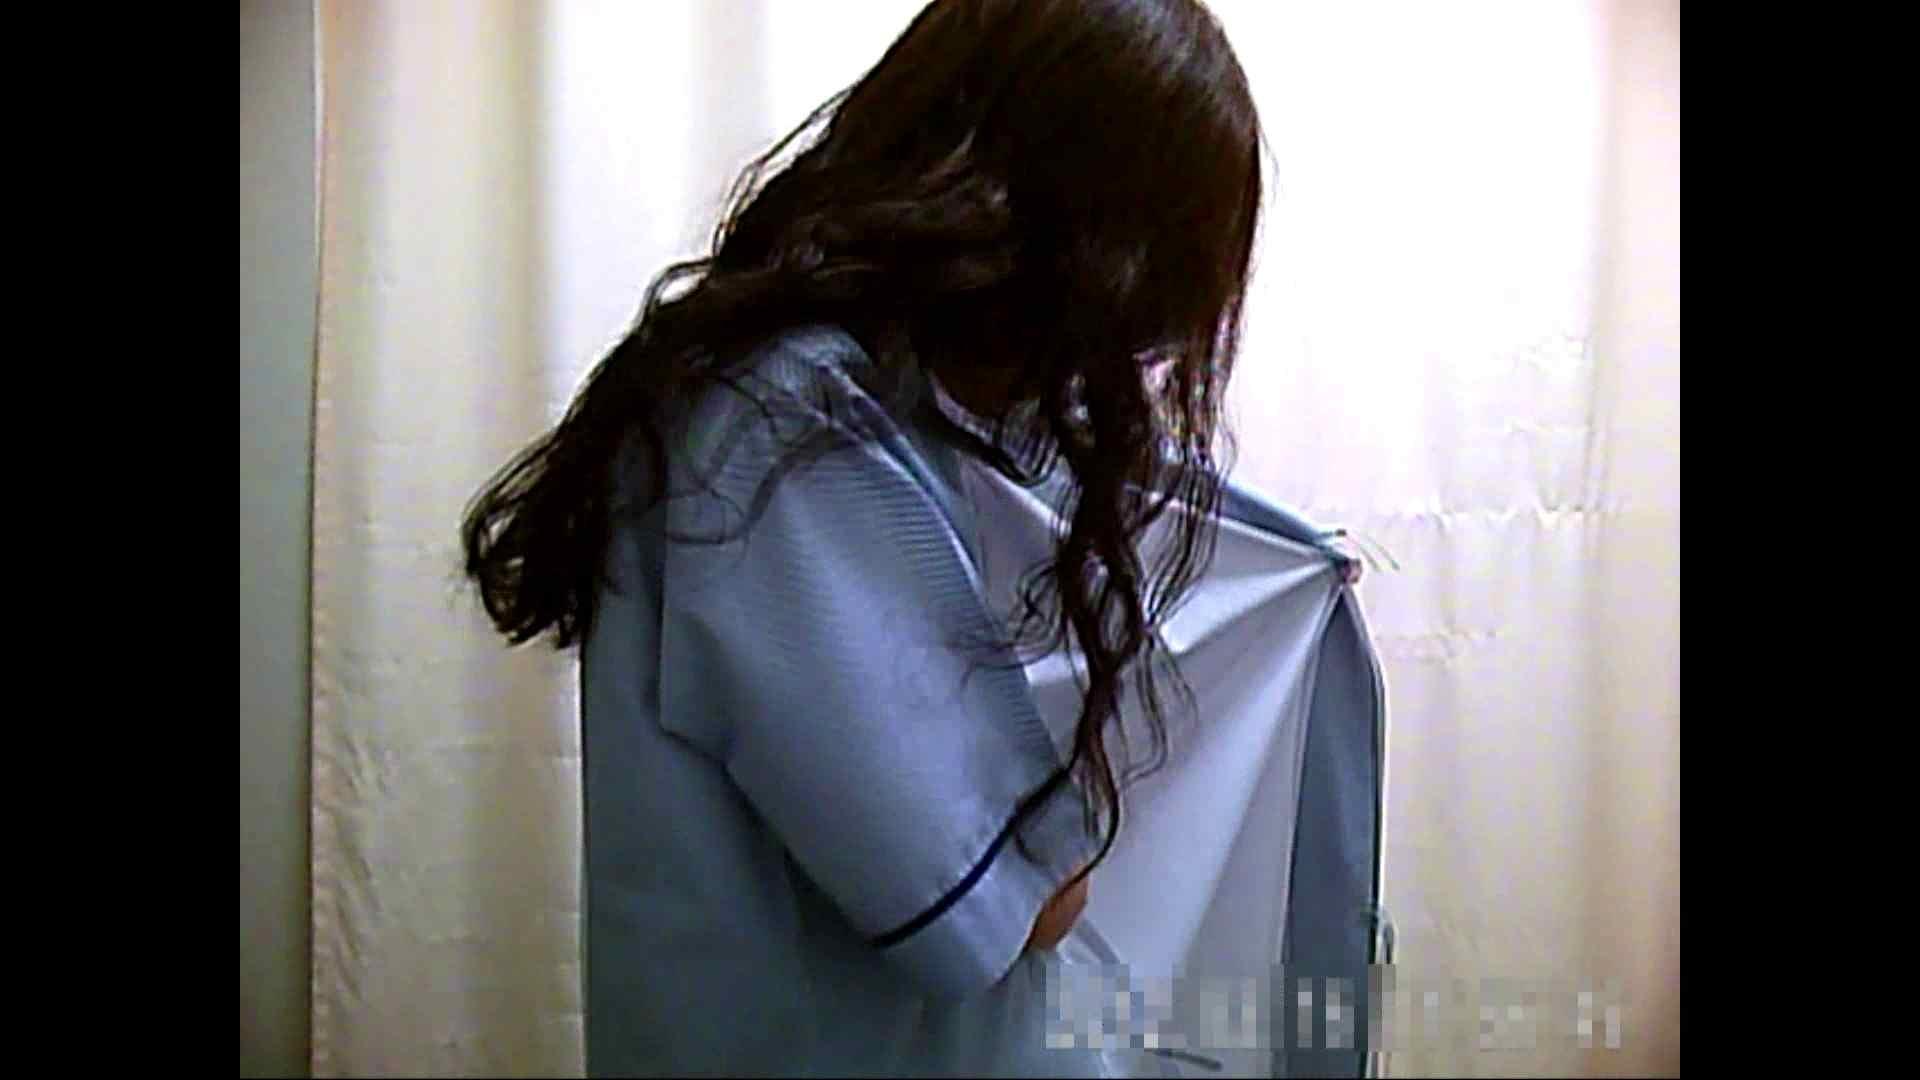 病院おもいっきり着替え! vol.269 おっぱい すけべAV動画紹介 91pic 11